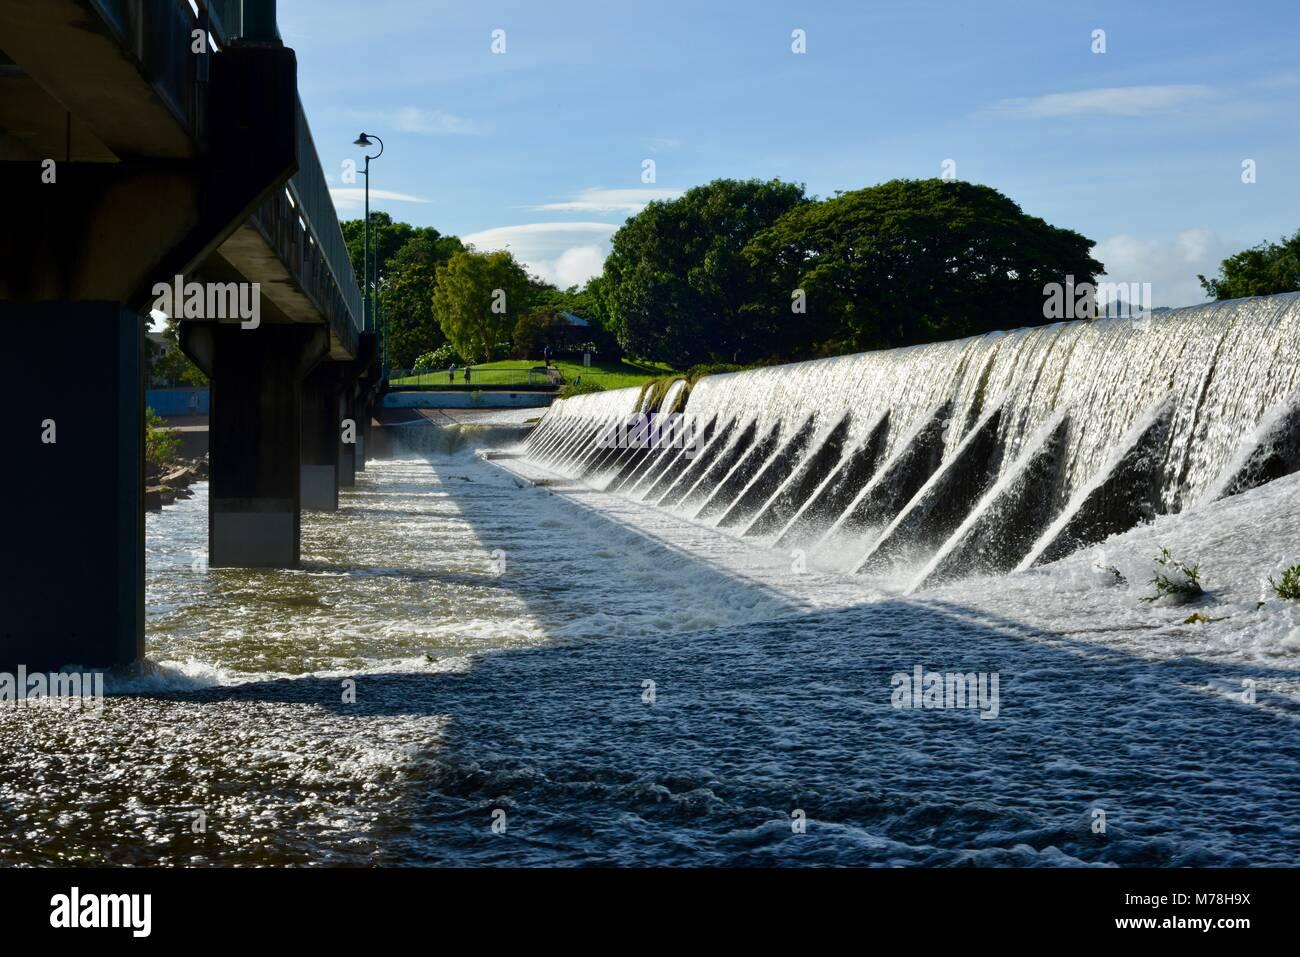 Water cascades over Aplins weir after storms and heavy rainfall, Aplins weir, Townsville, Queensland, Australia - Stock Image